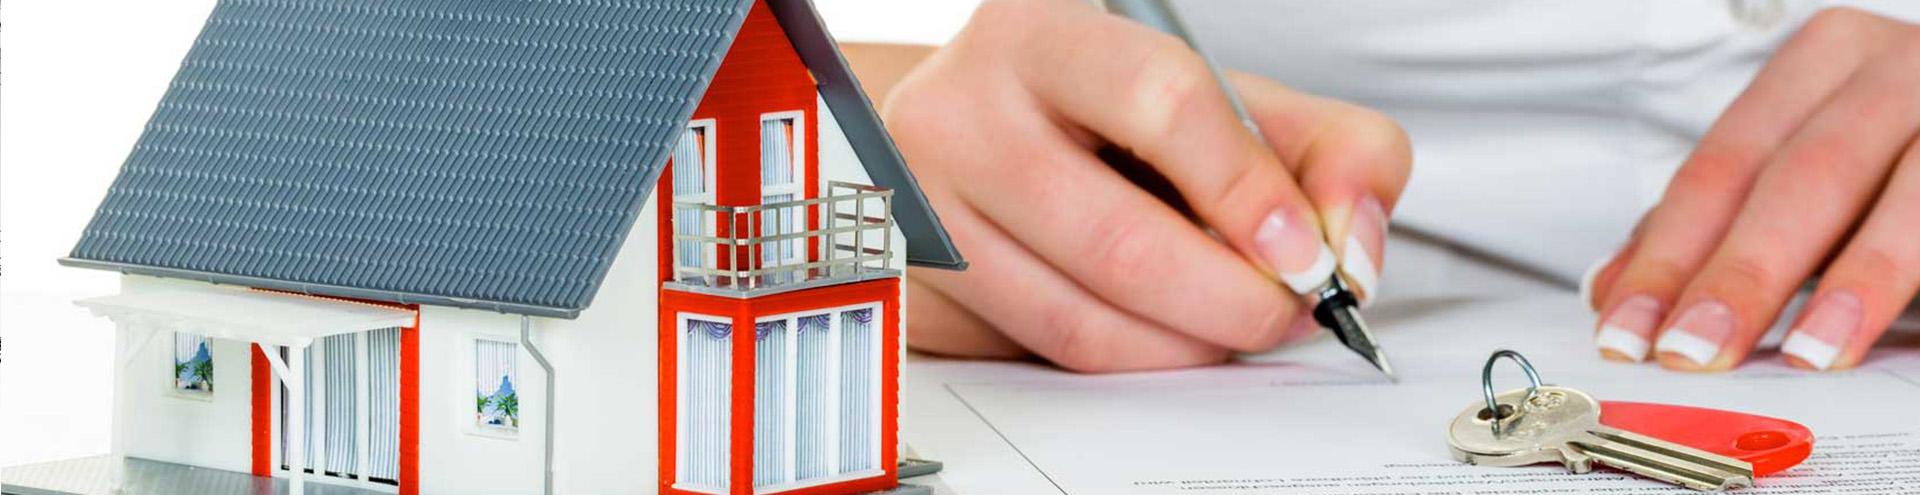 сделки с недвижимостью в Ижевске